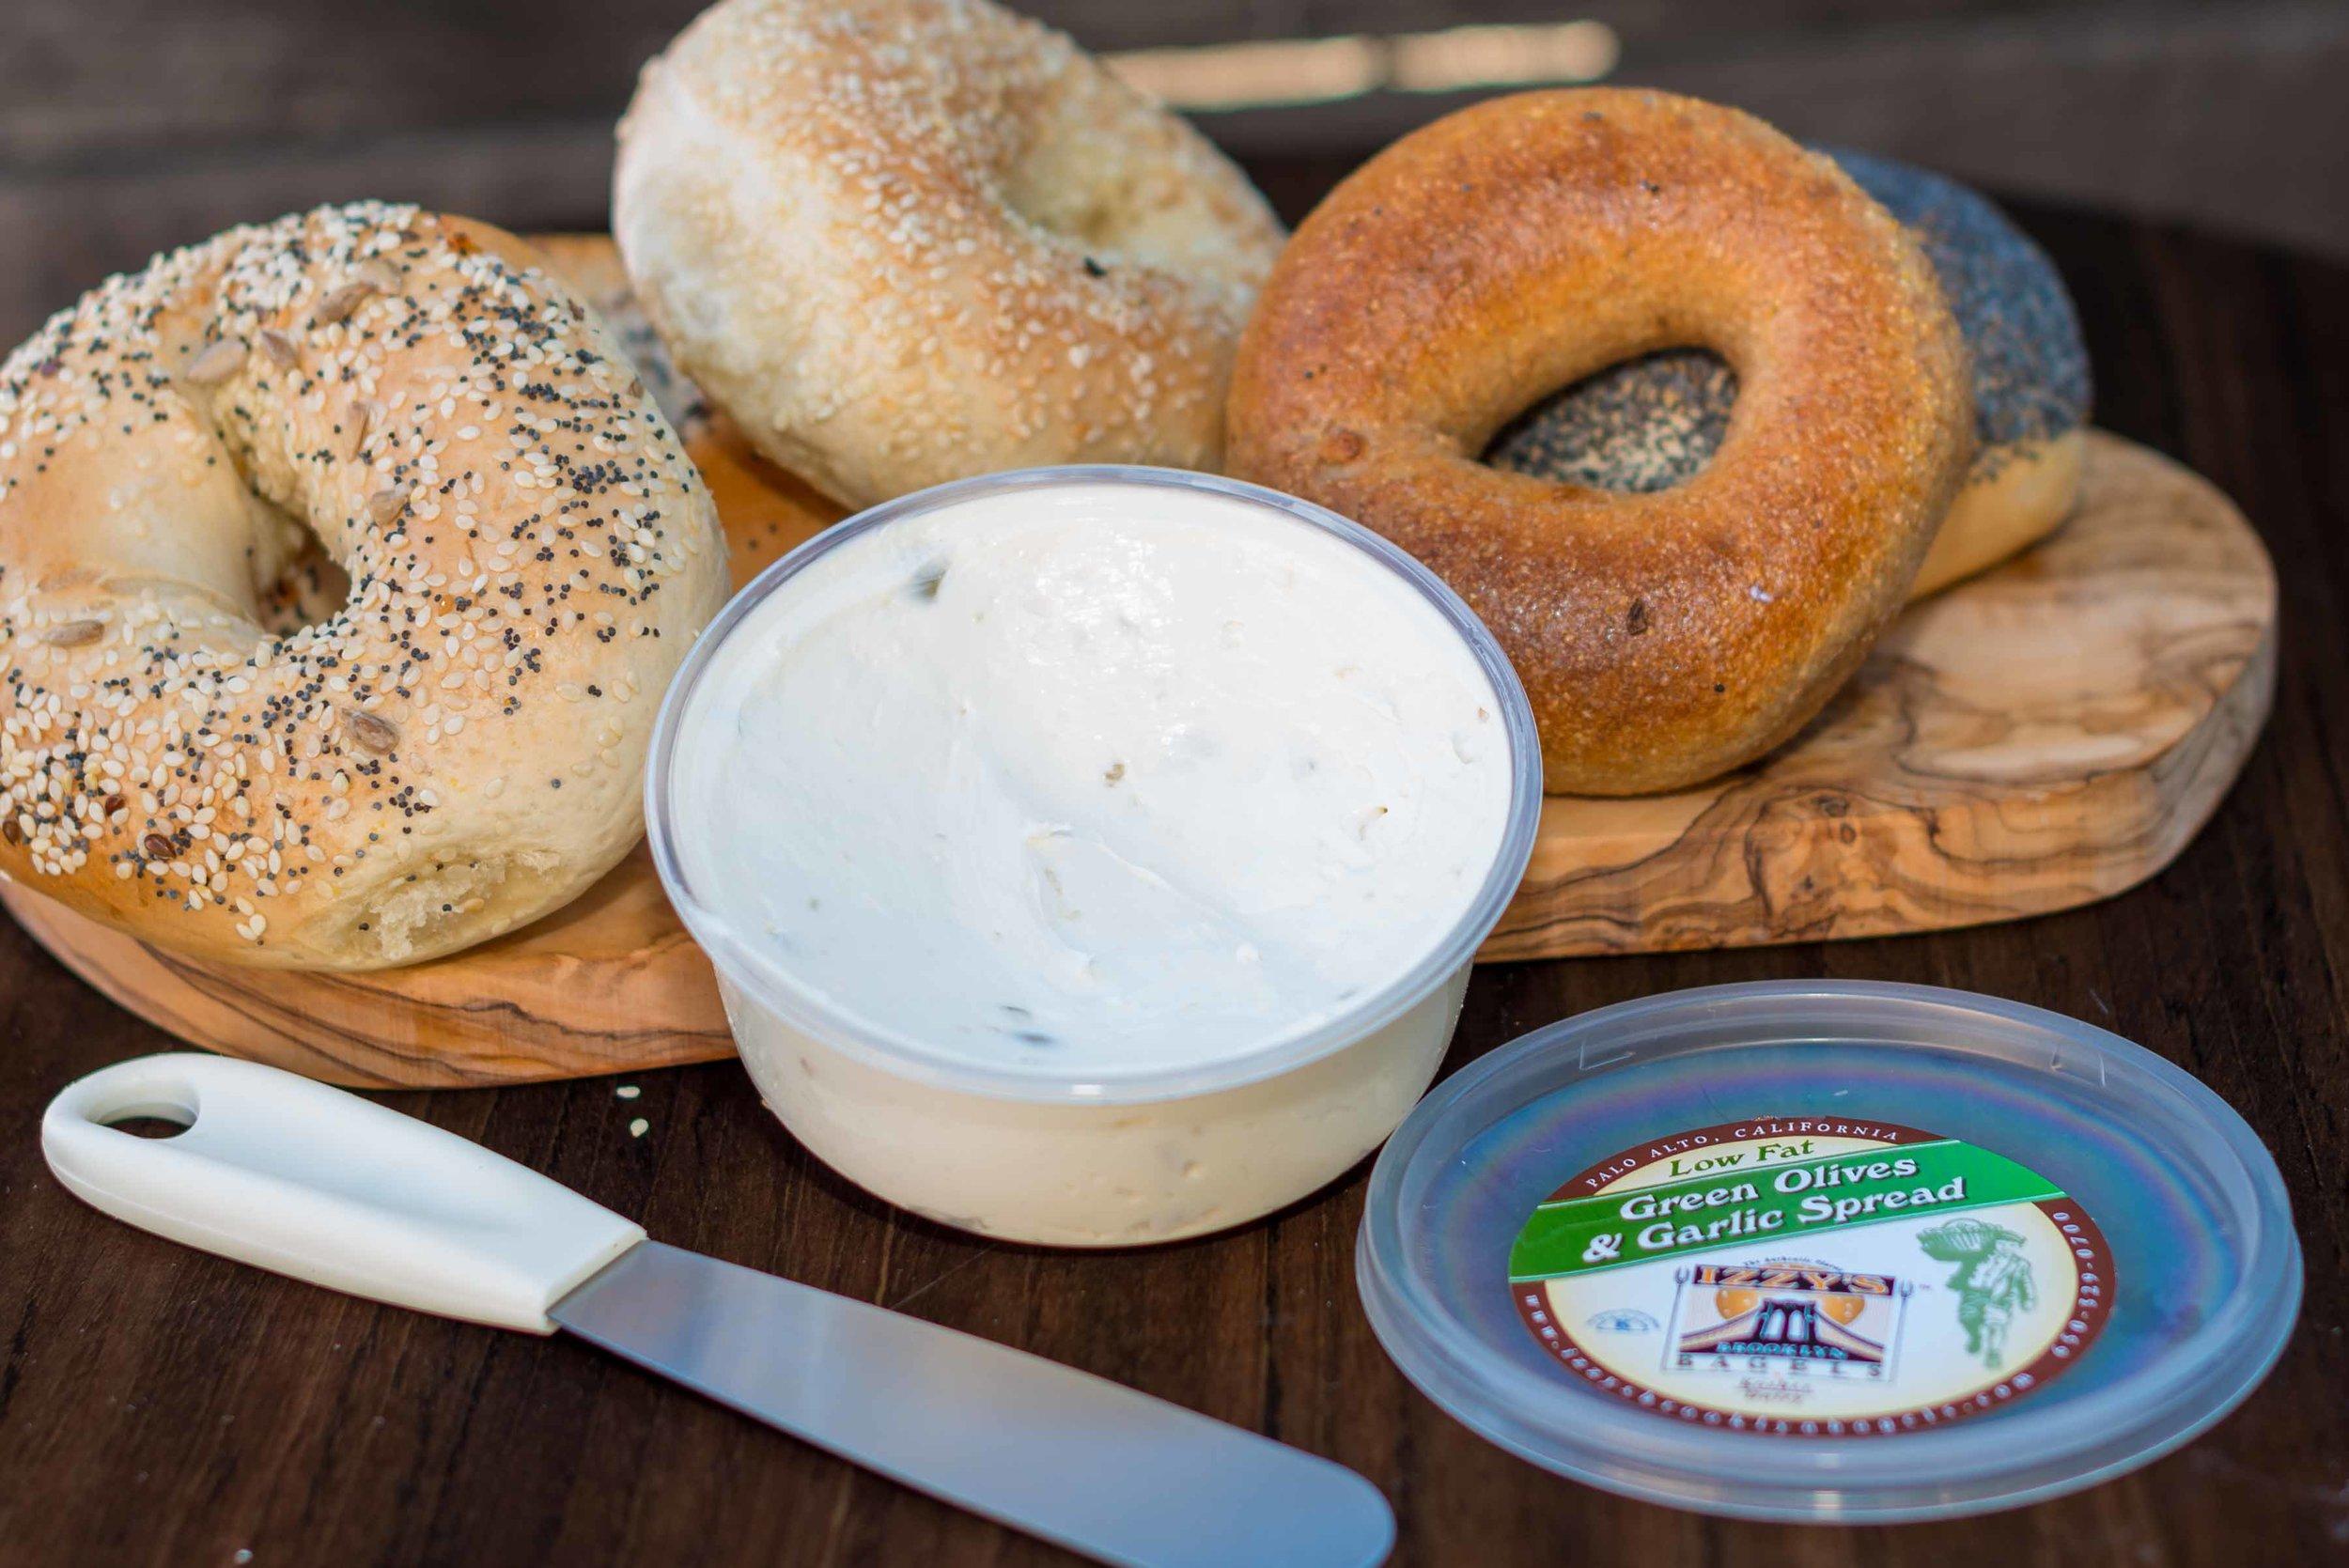 Green Olives & Garlic Spread